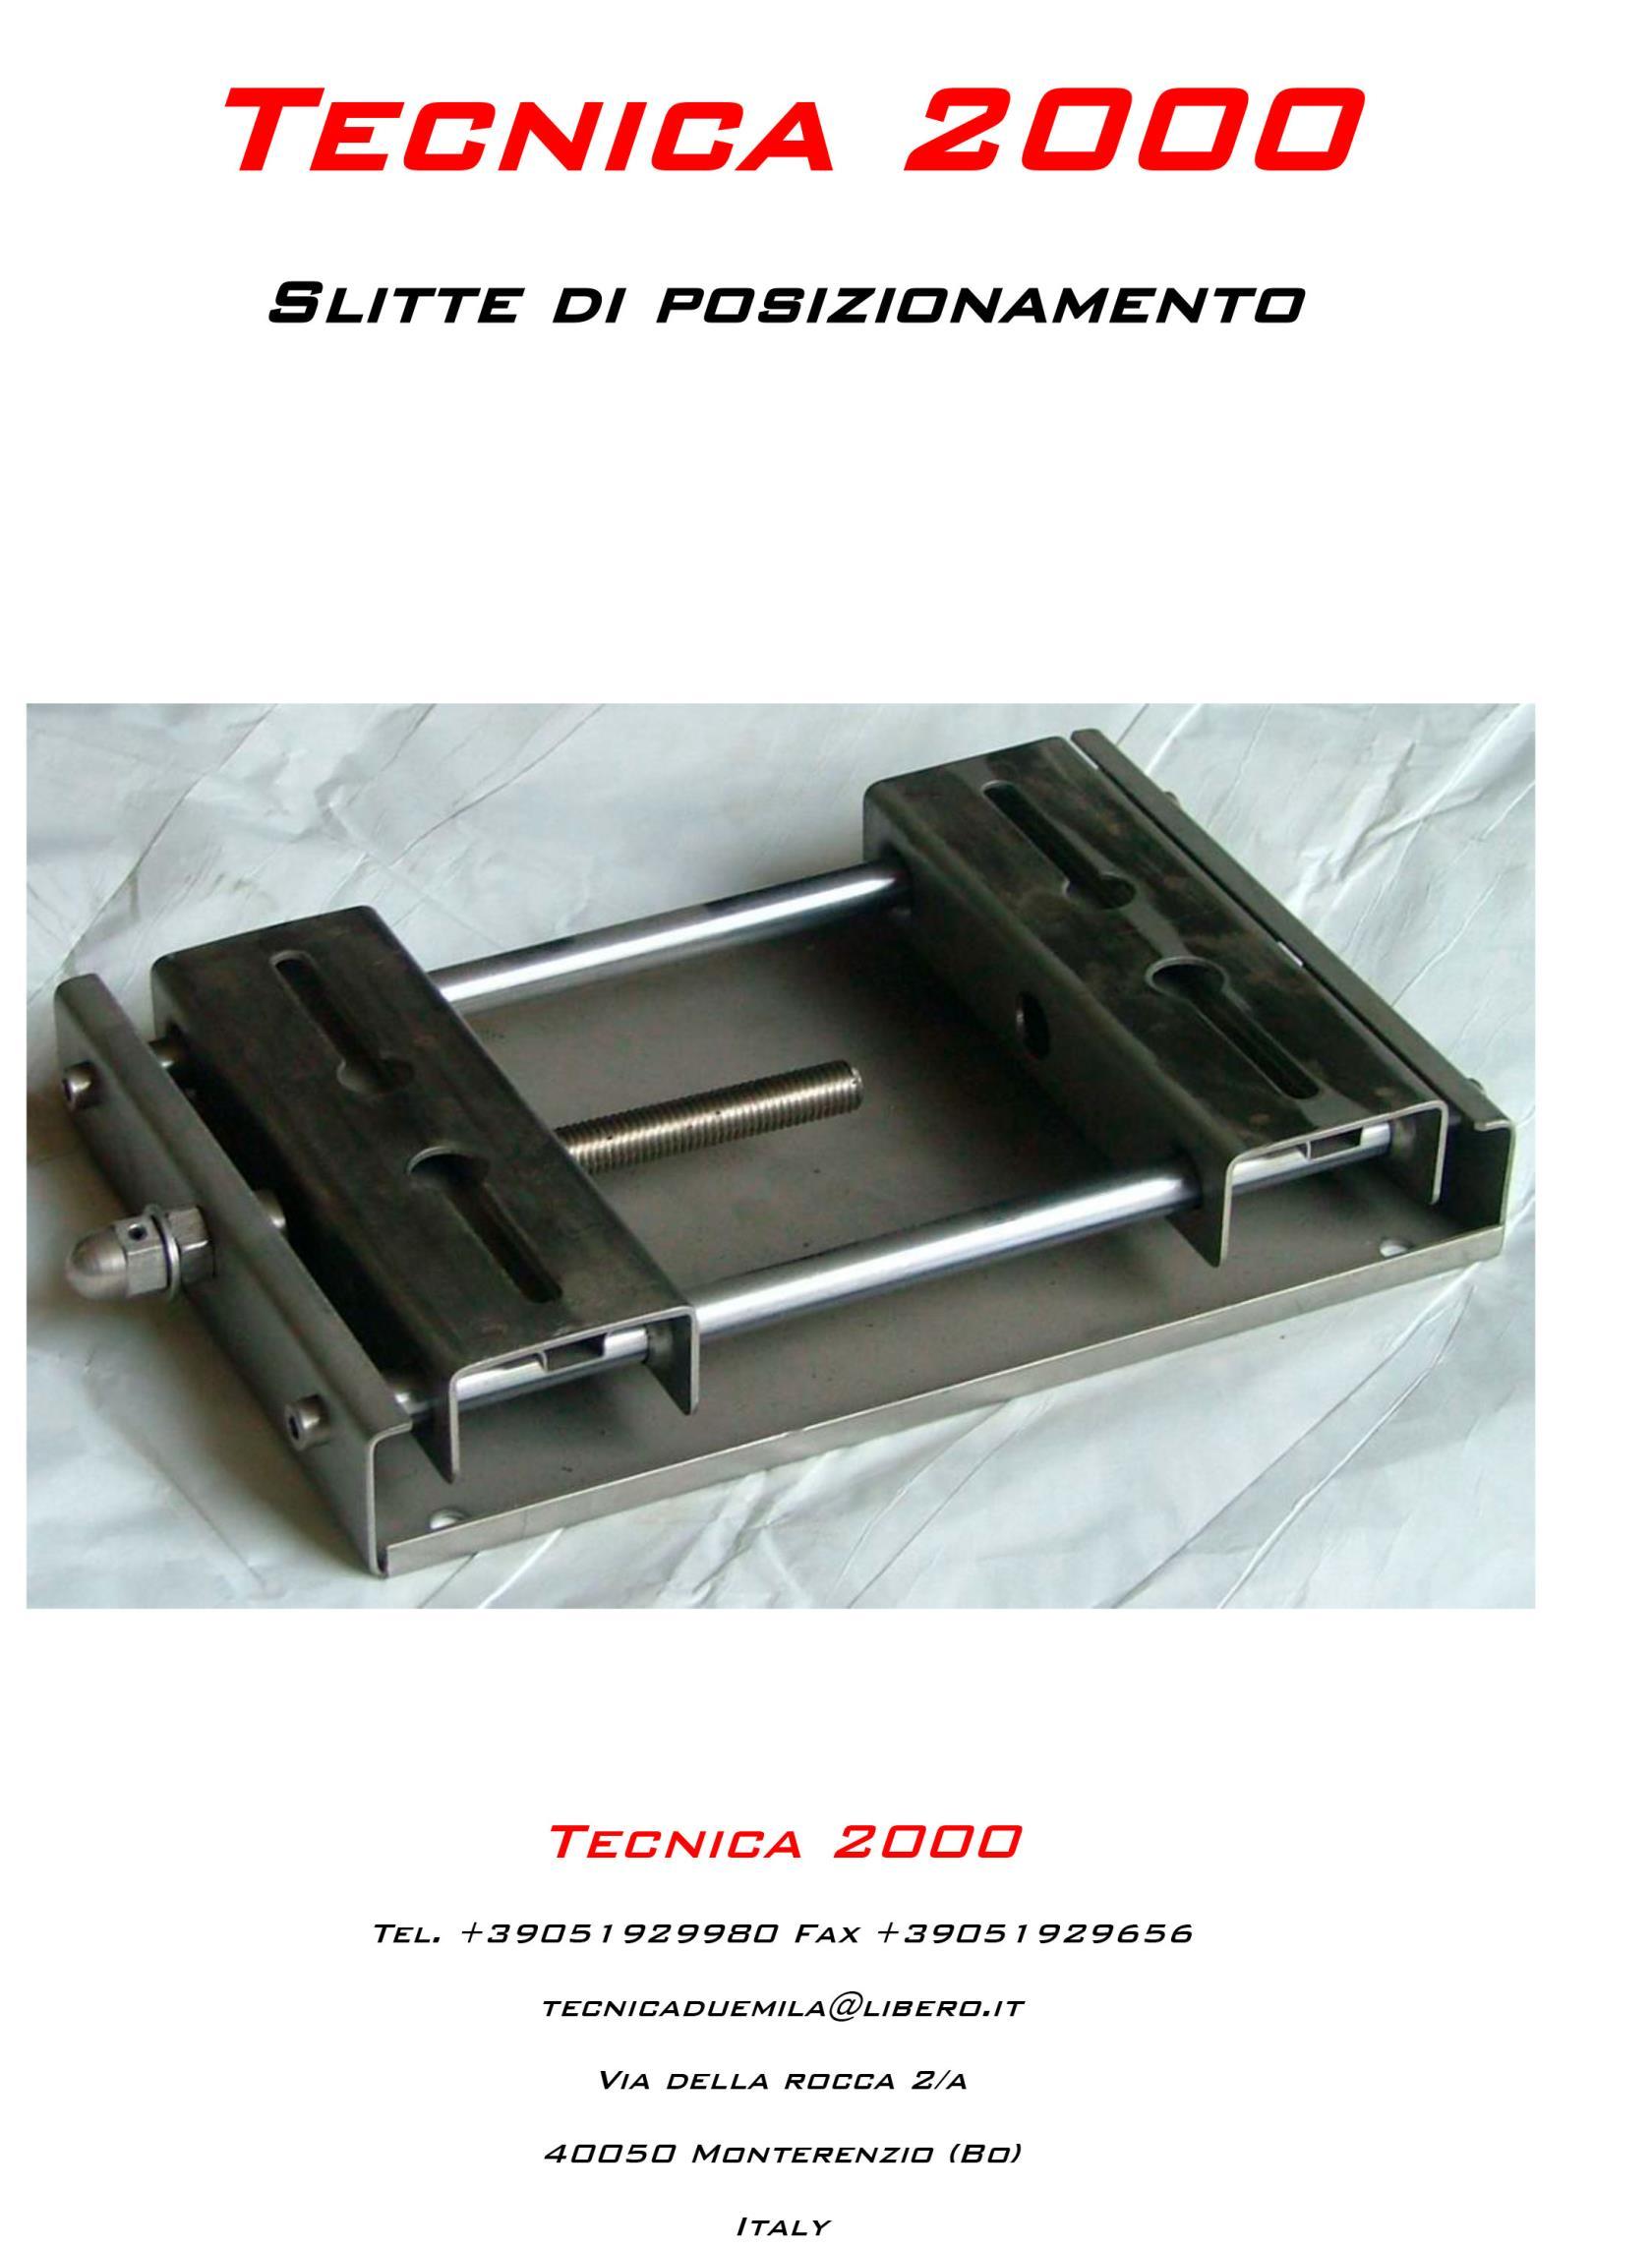 Catalogo Slitte per motori elettrici a Monterienzo